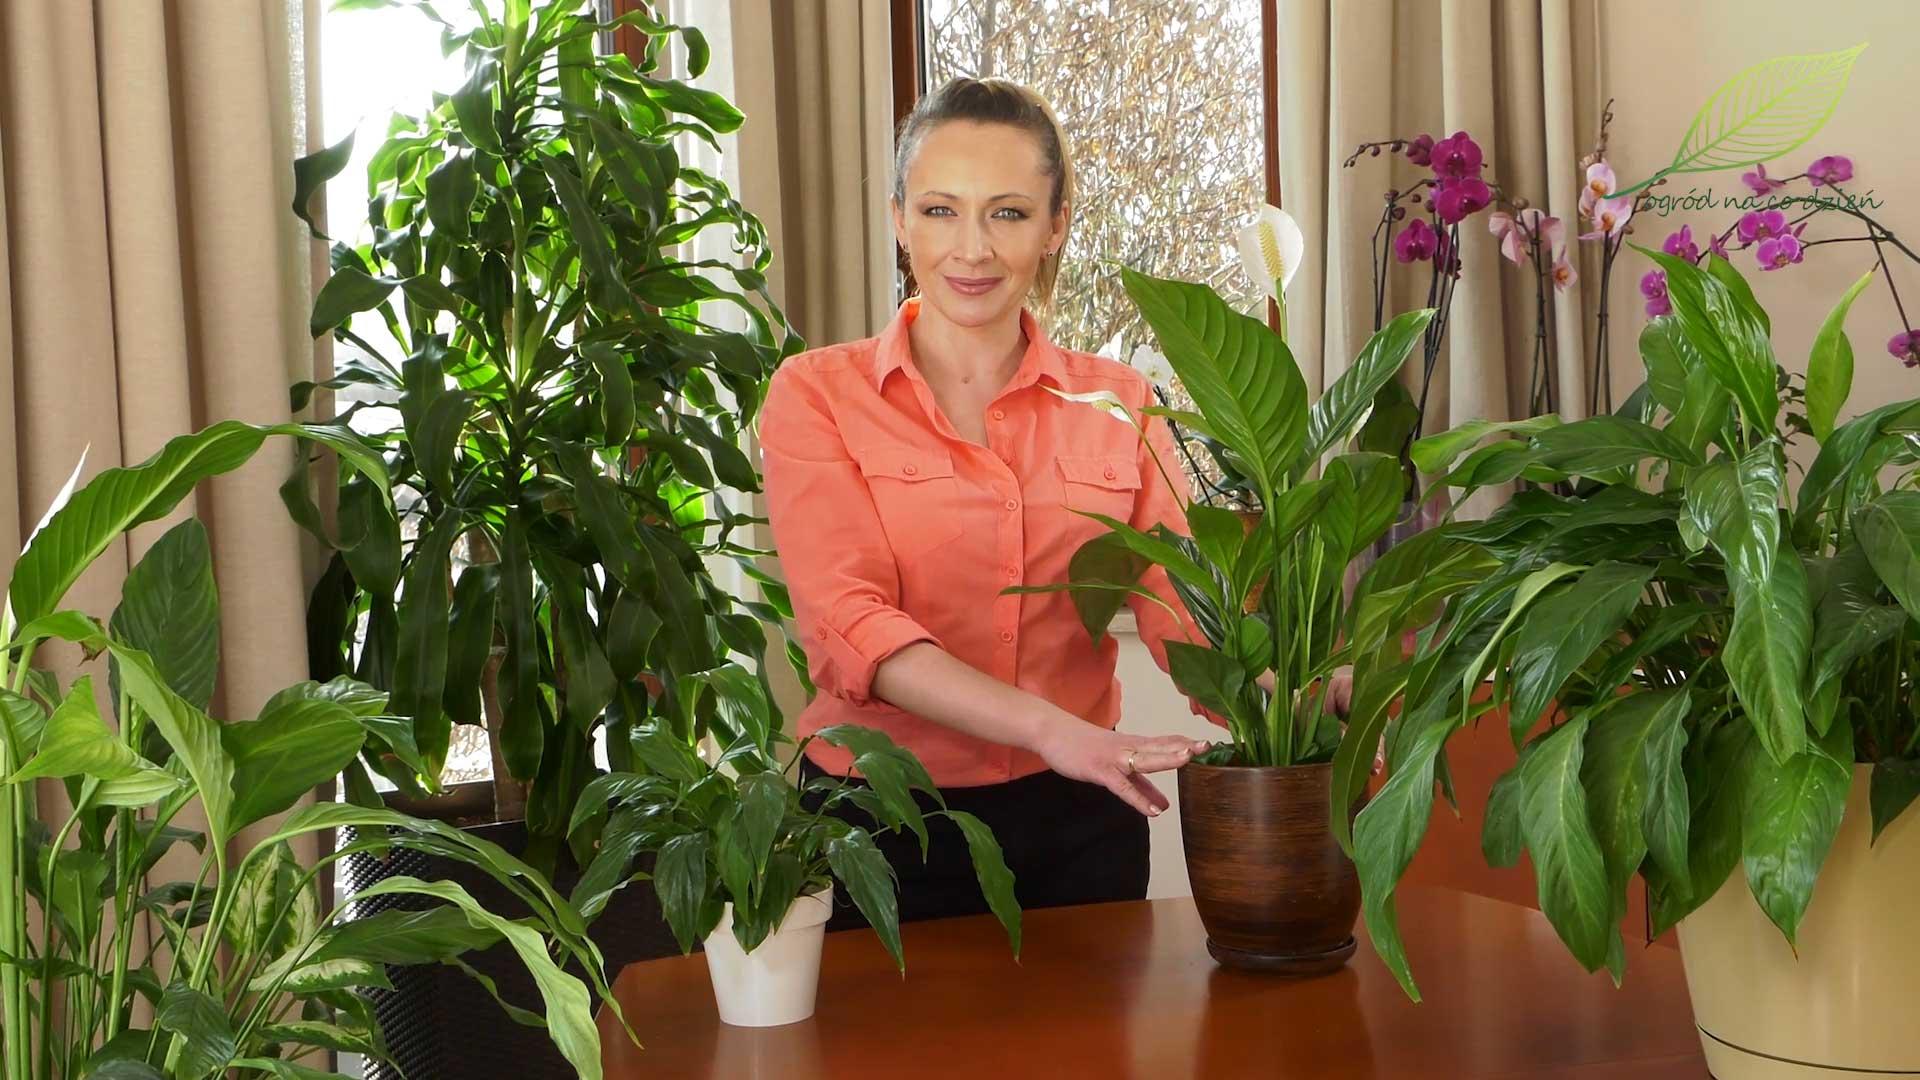 Skrzydłokwiaty – rozmnażanie i uprawa